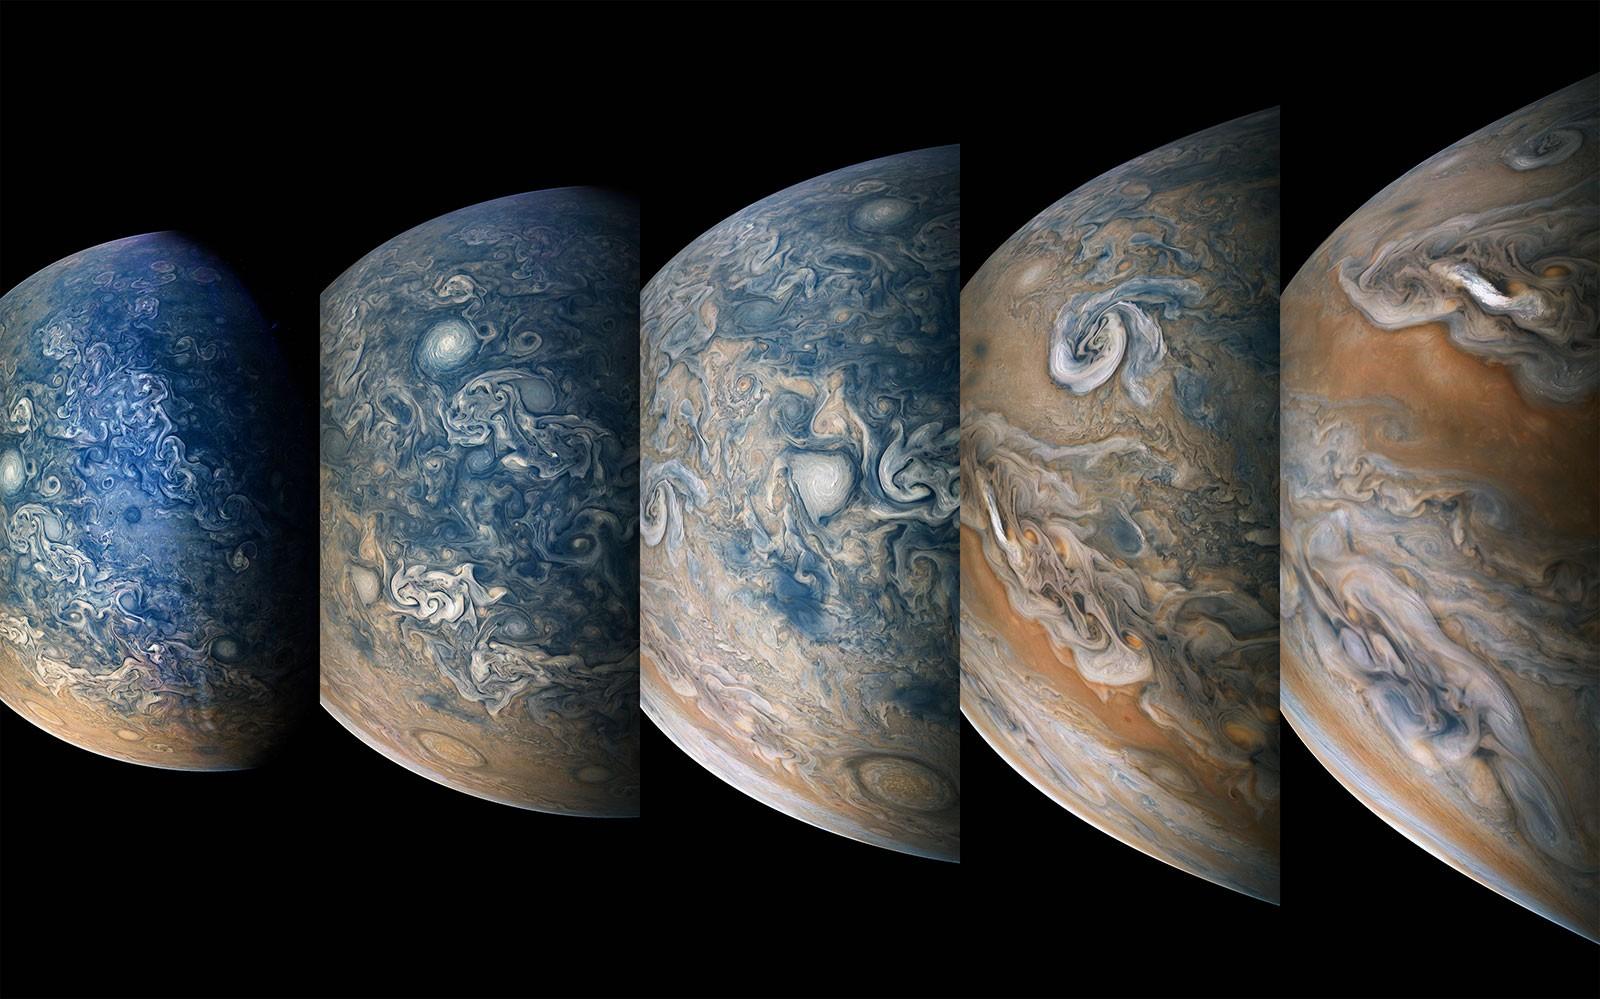 Imagens da sonda Juno revelam detalhes do hemisfério norte de Júpiter (Foto: NASA/JPL-Caltech/SwRI/MSSS/Gerald Eichstäd/Seán Doran)